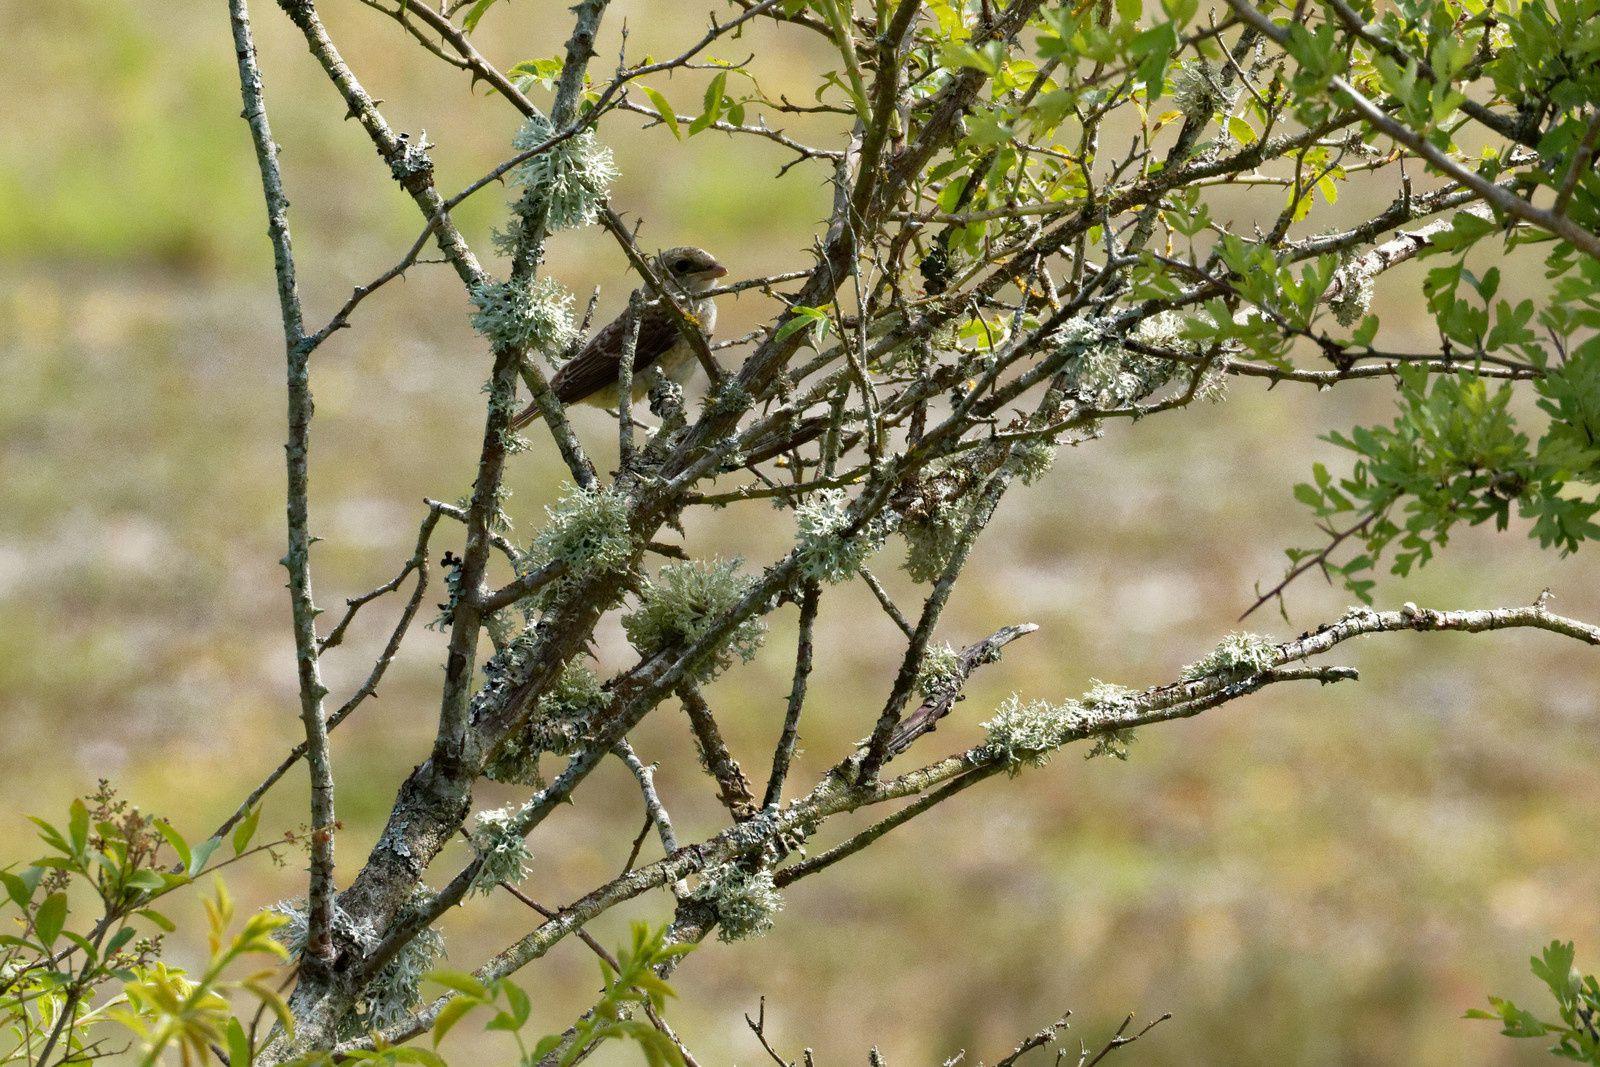 Notez au passage l'existence du Lichen sur la végétation. Il y en a partout !